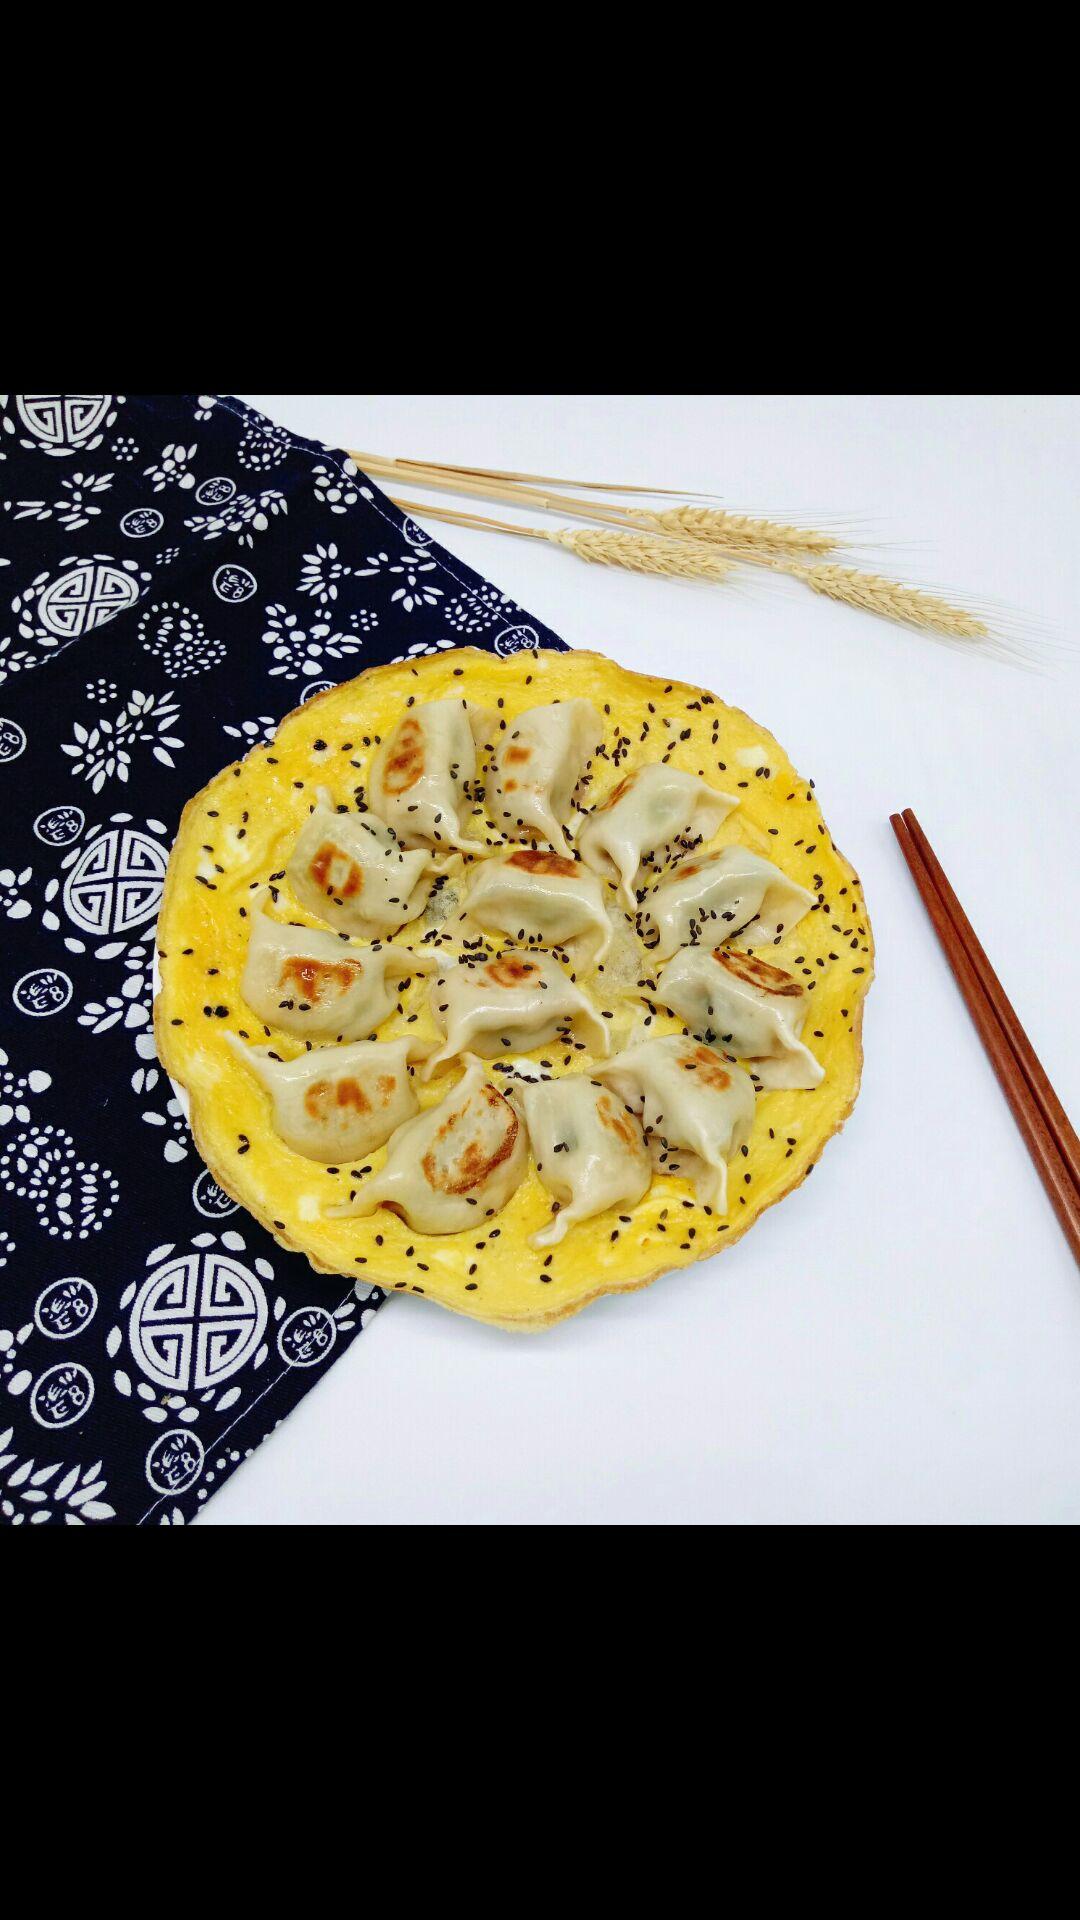 鸡蛋煎饺#快乐宝宝餐